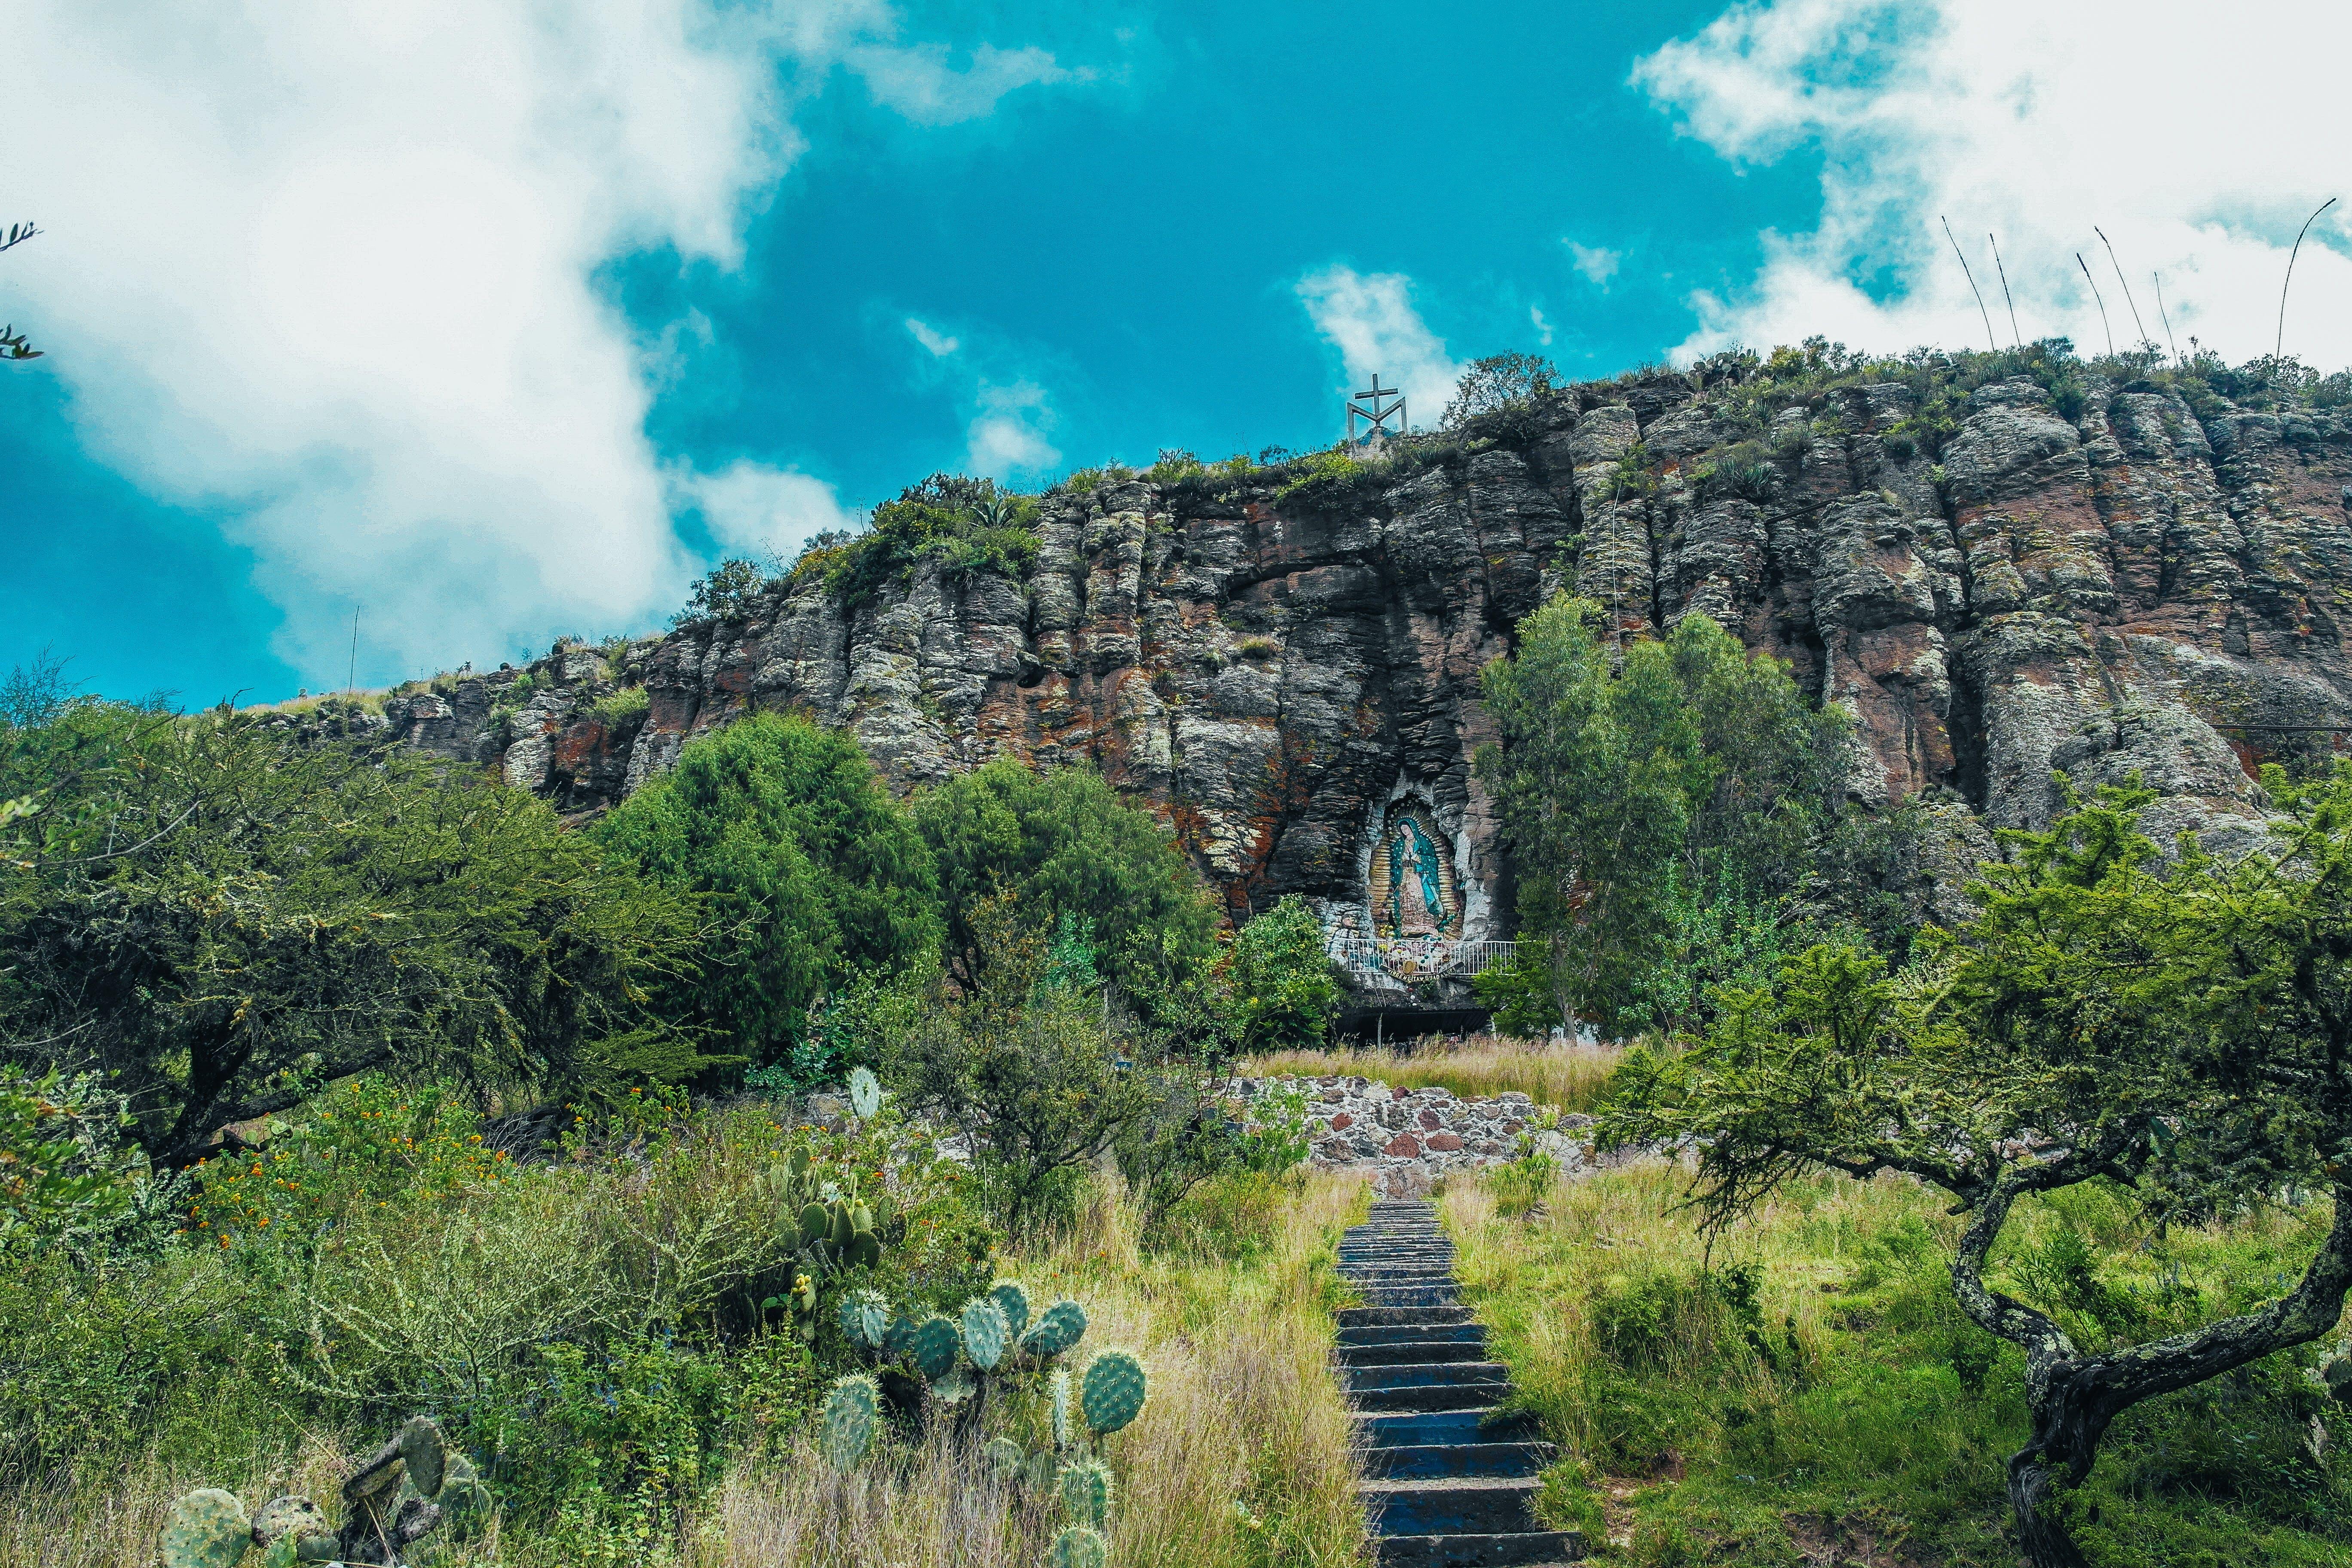 Black Concrete Staircase and Massive Mountain